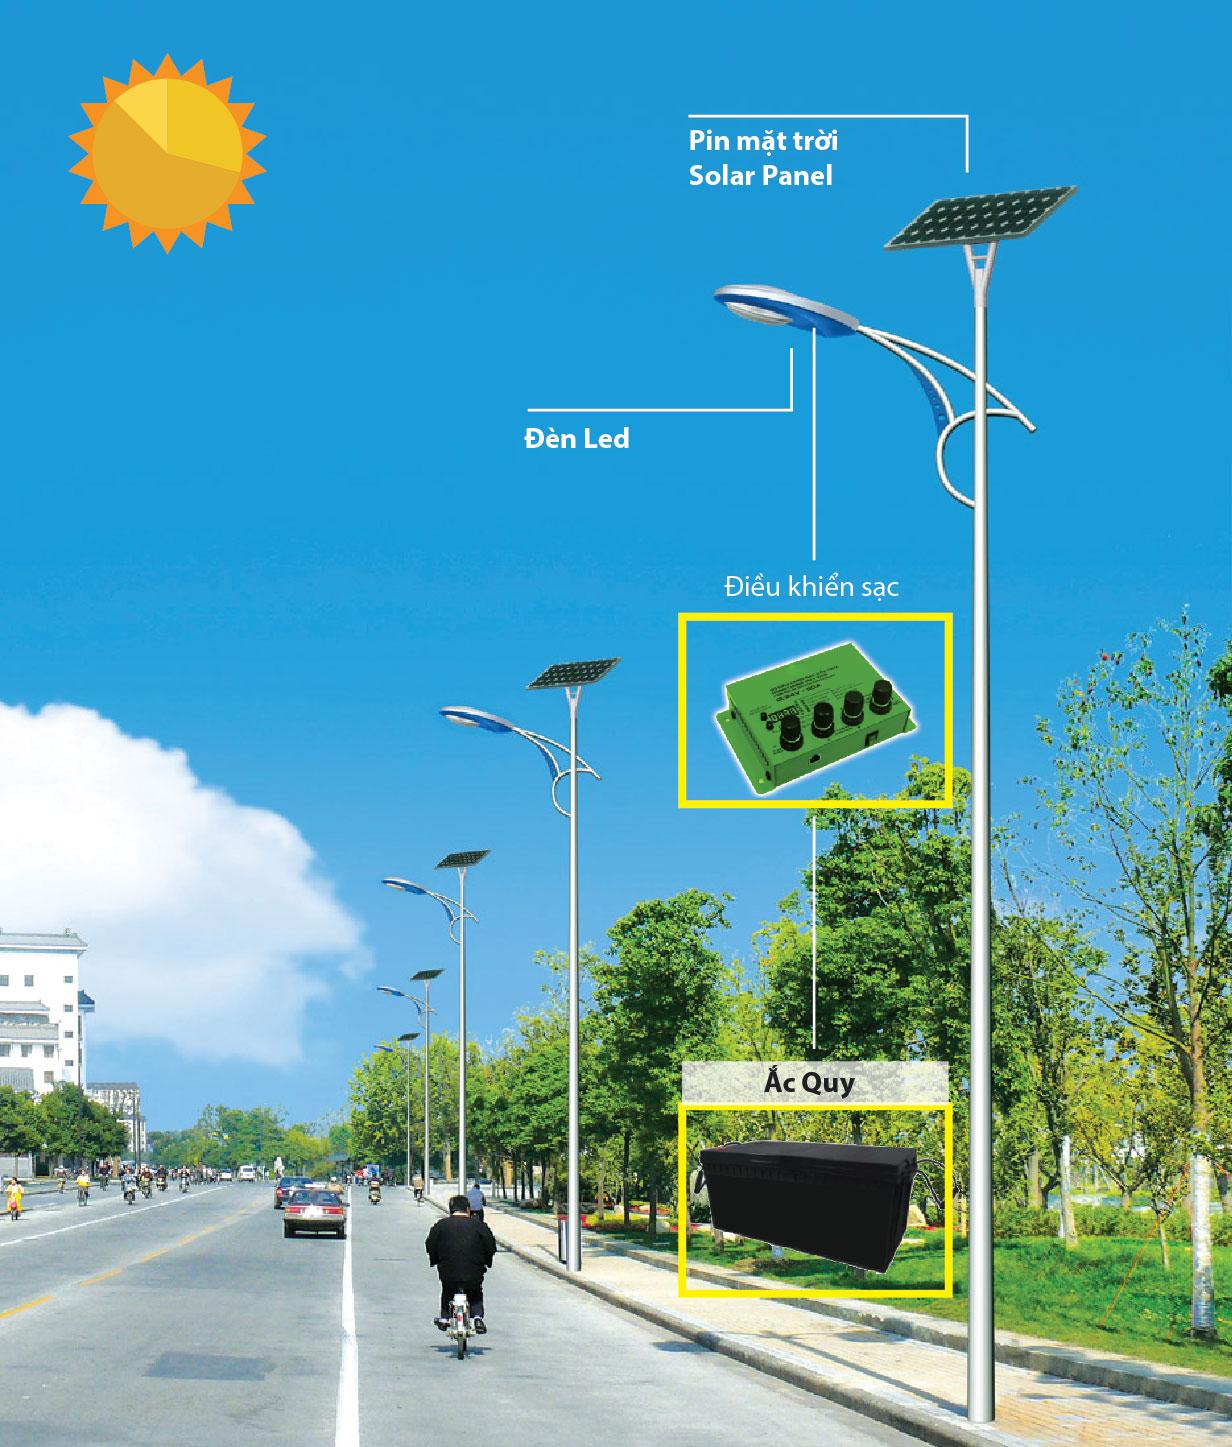 lắp đặt đèn đường năng lượng mặt trời chiếu sáng đô thị